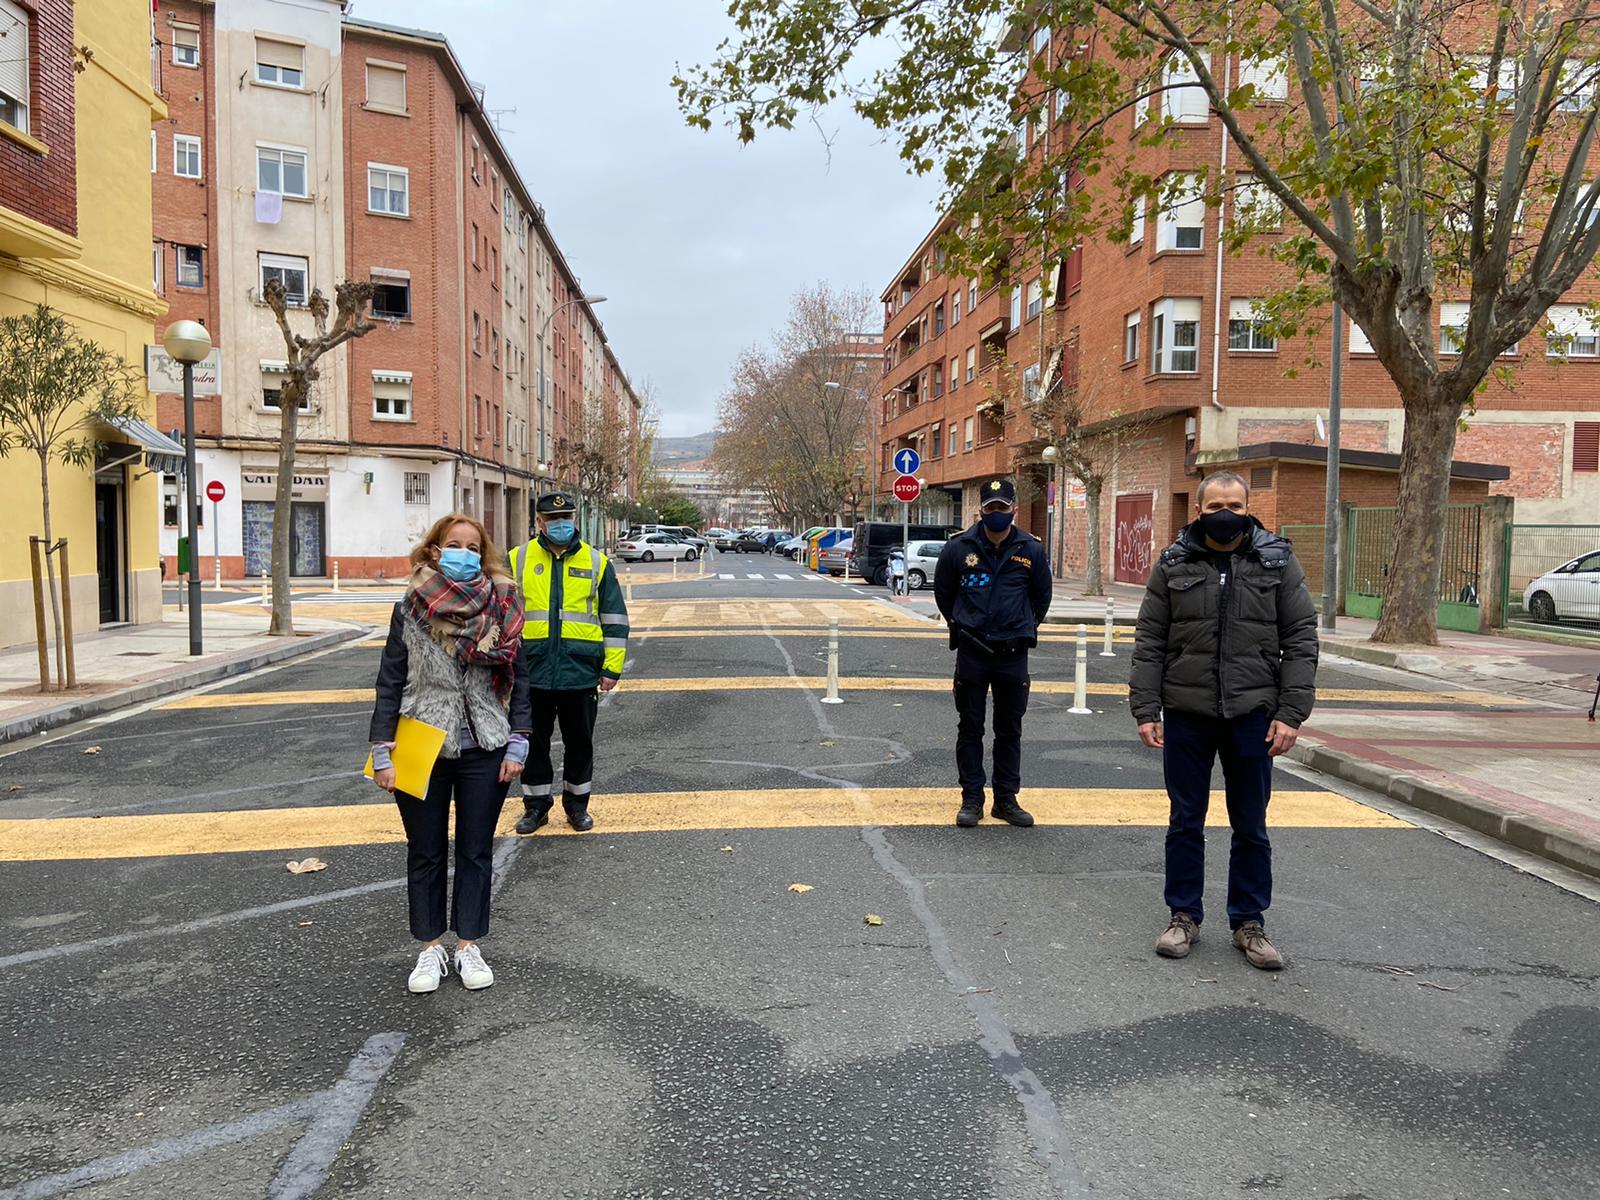 La DGT lanza una campaña para disminuir los atropellos en La Rioja: 52 hasta septiembre 1